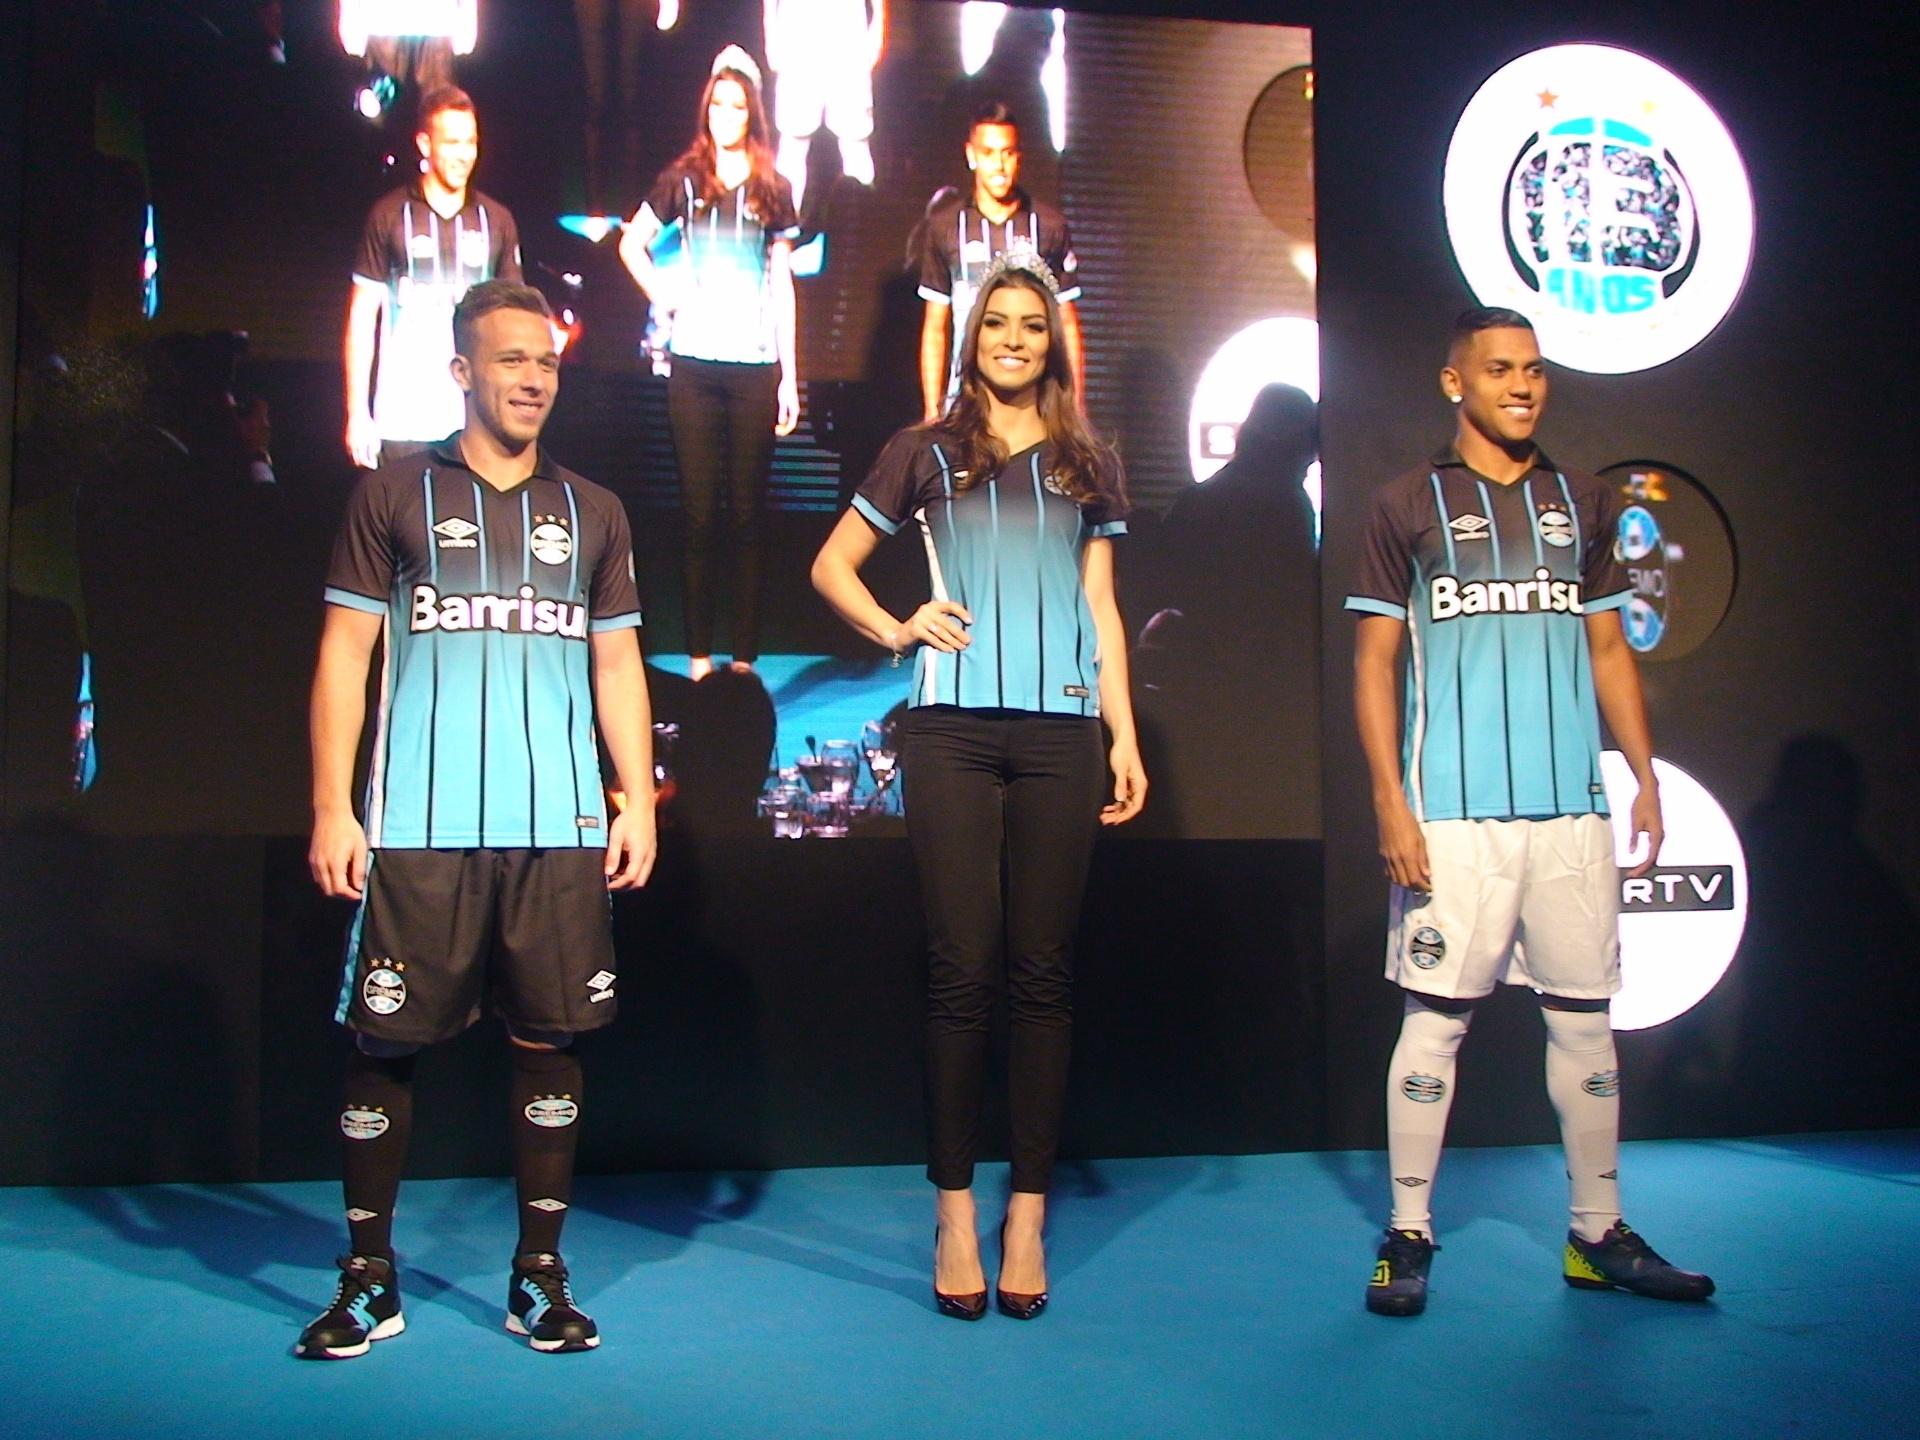 Grêmio lança terceira camisa de olho em mística do ano passado - 17 09 2016  - UOL Esporte a2ba206889881